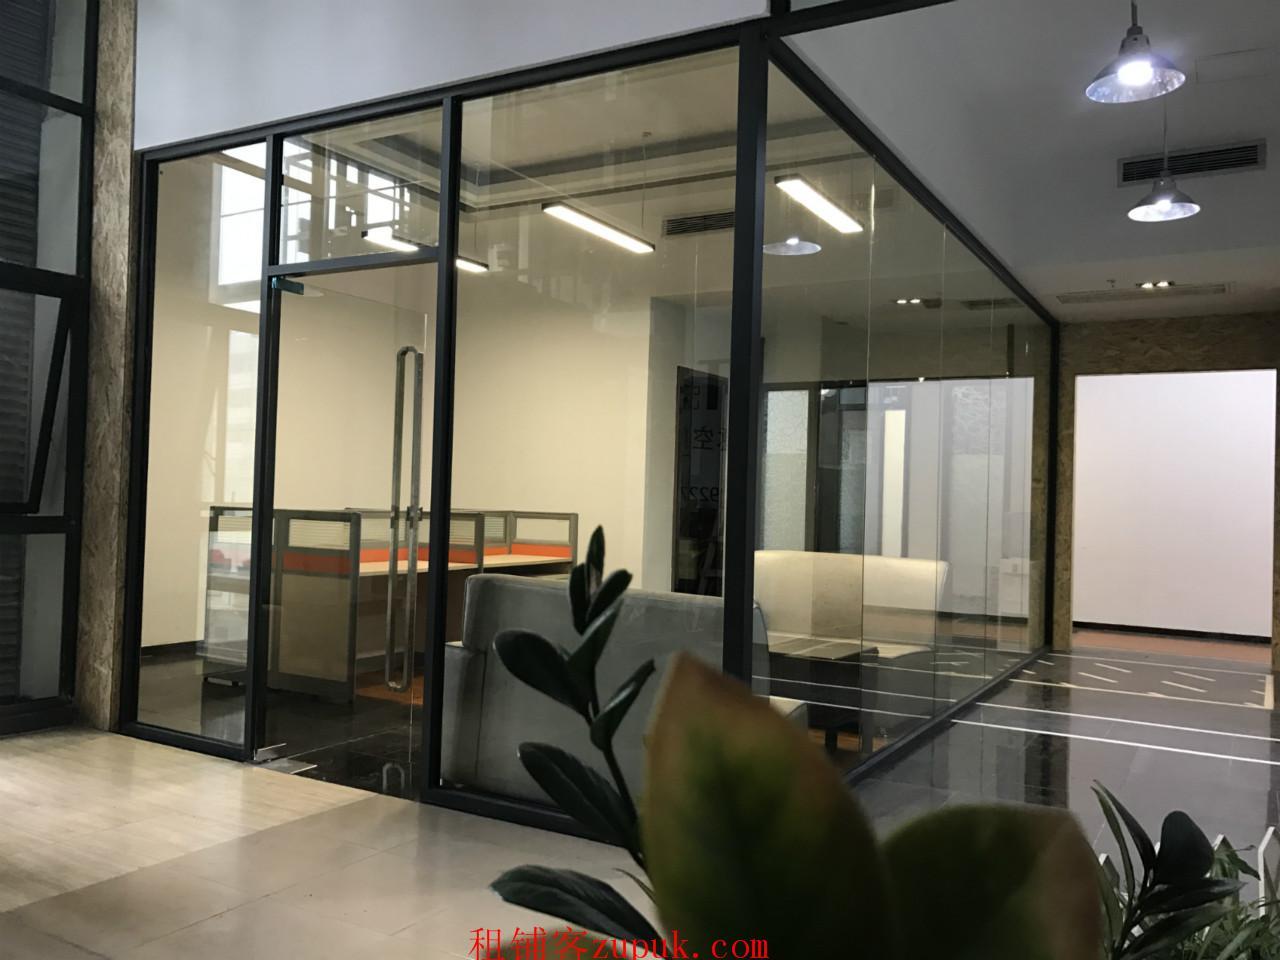 番禺广场地铁口 区府旁85方孵化办公室出租 诚邀软件行业进驻